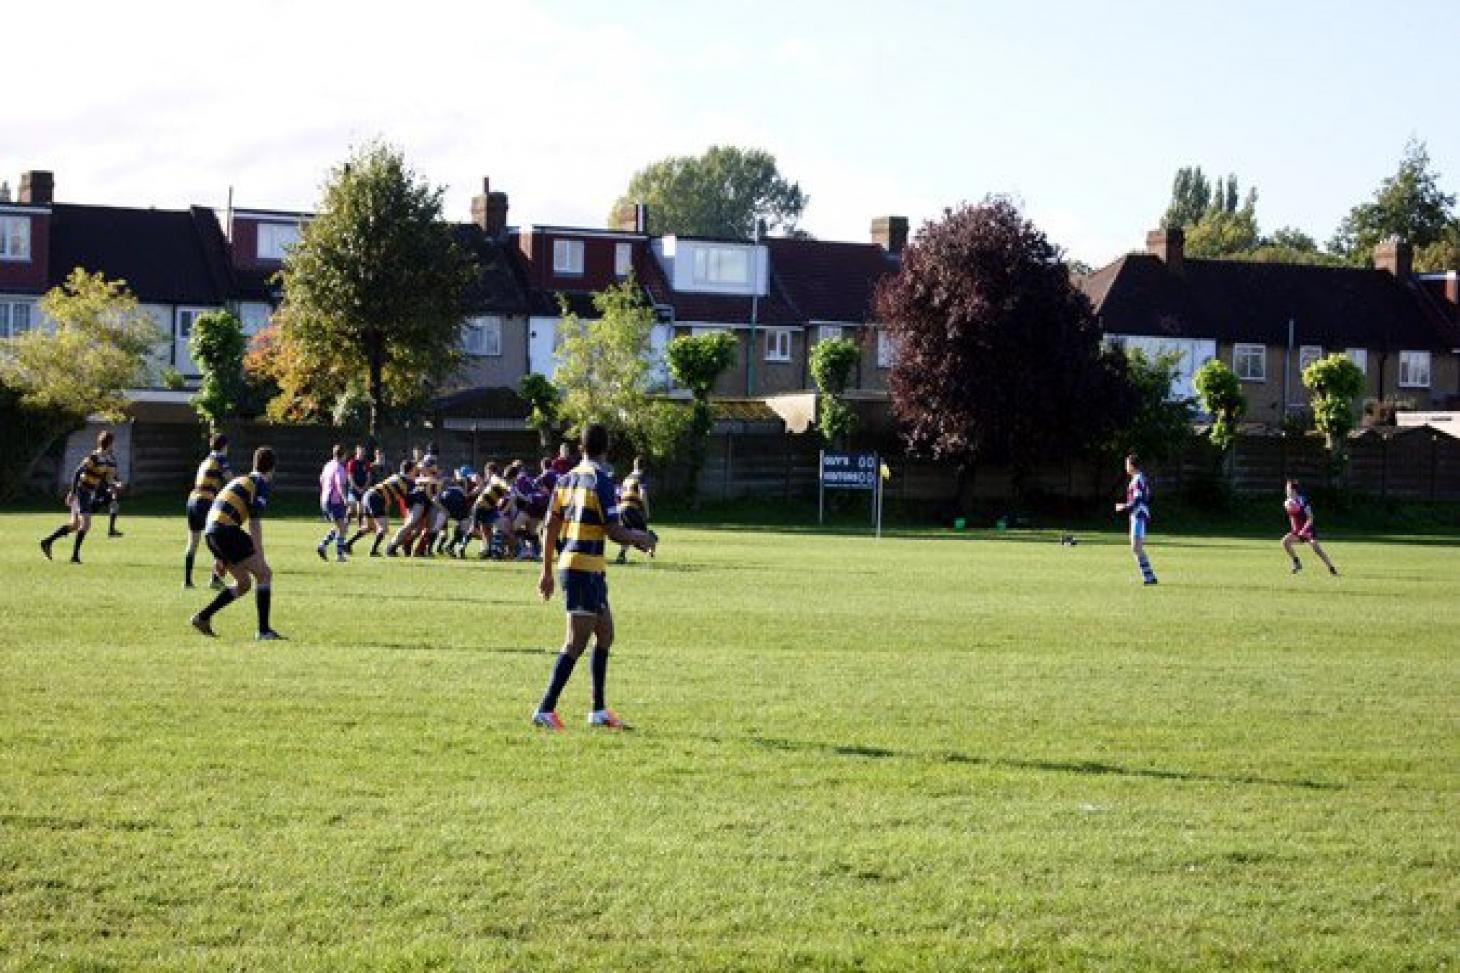 Honour Oak Park Union rugby pitch